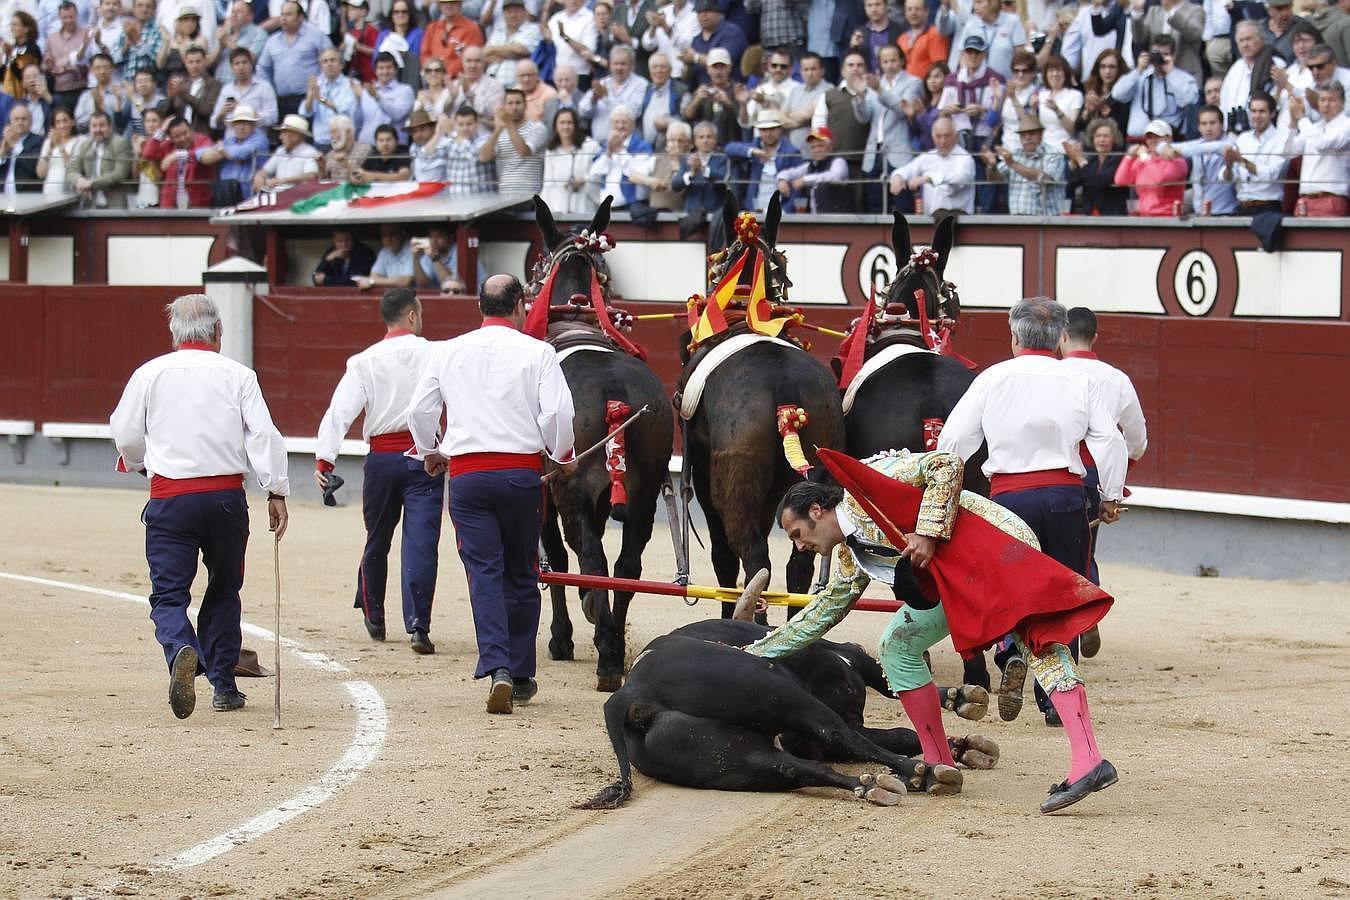 El triunfo de David Mora con un gran alcurrucén en Las Ventas, en imágenes